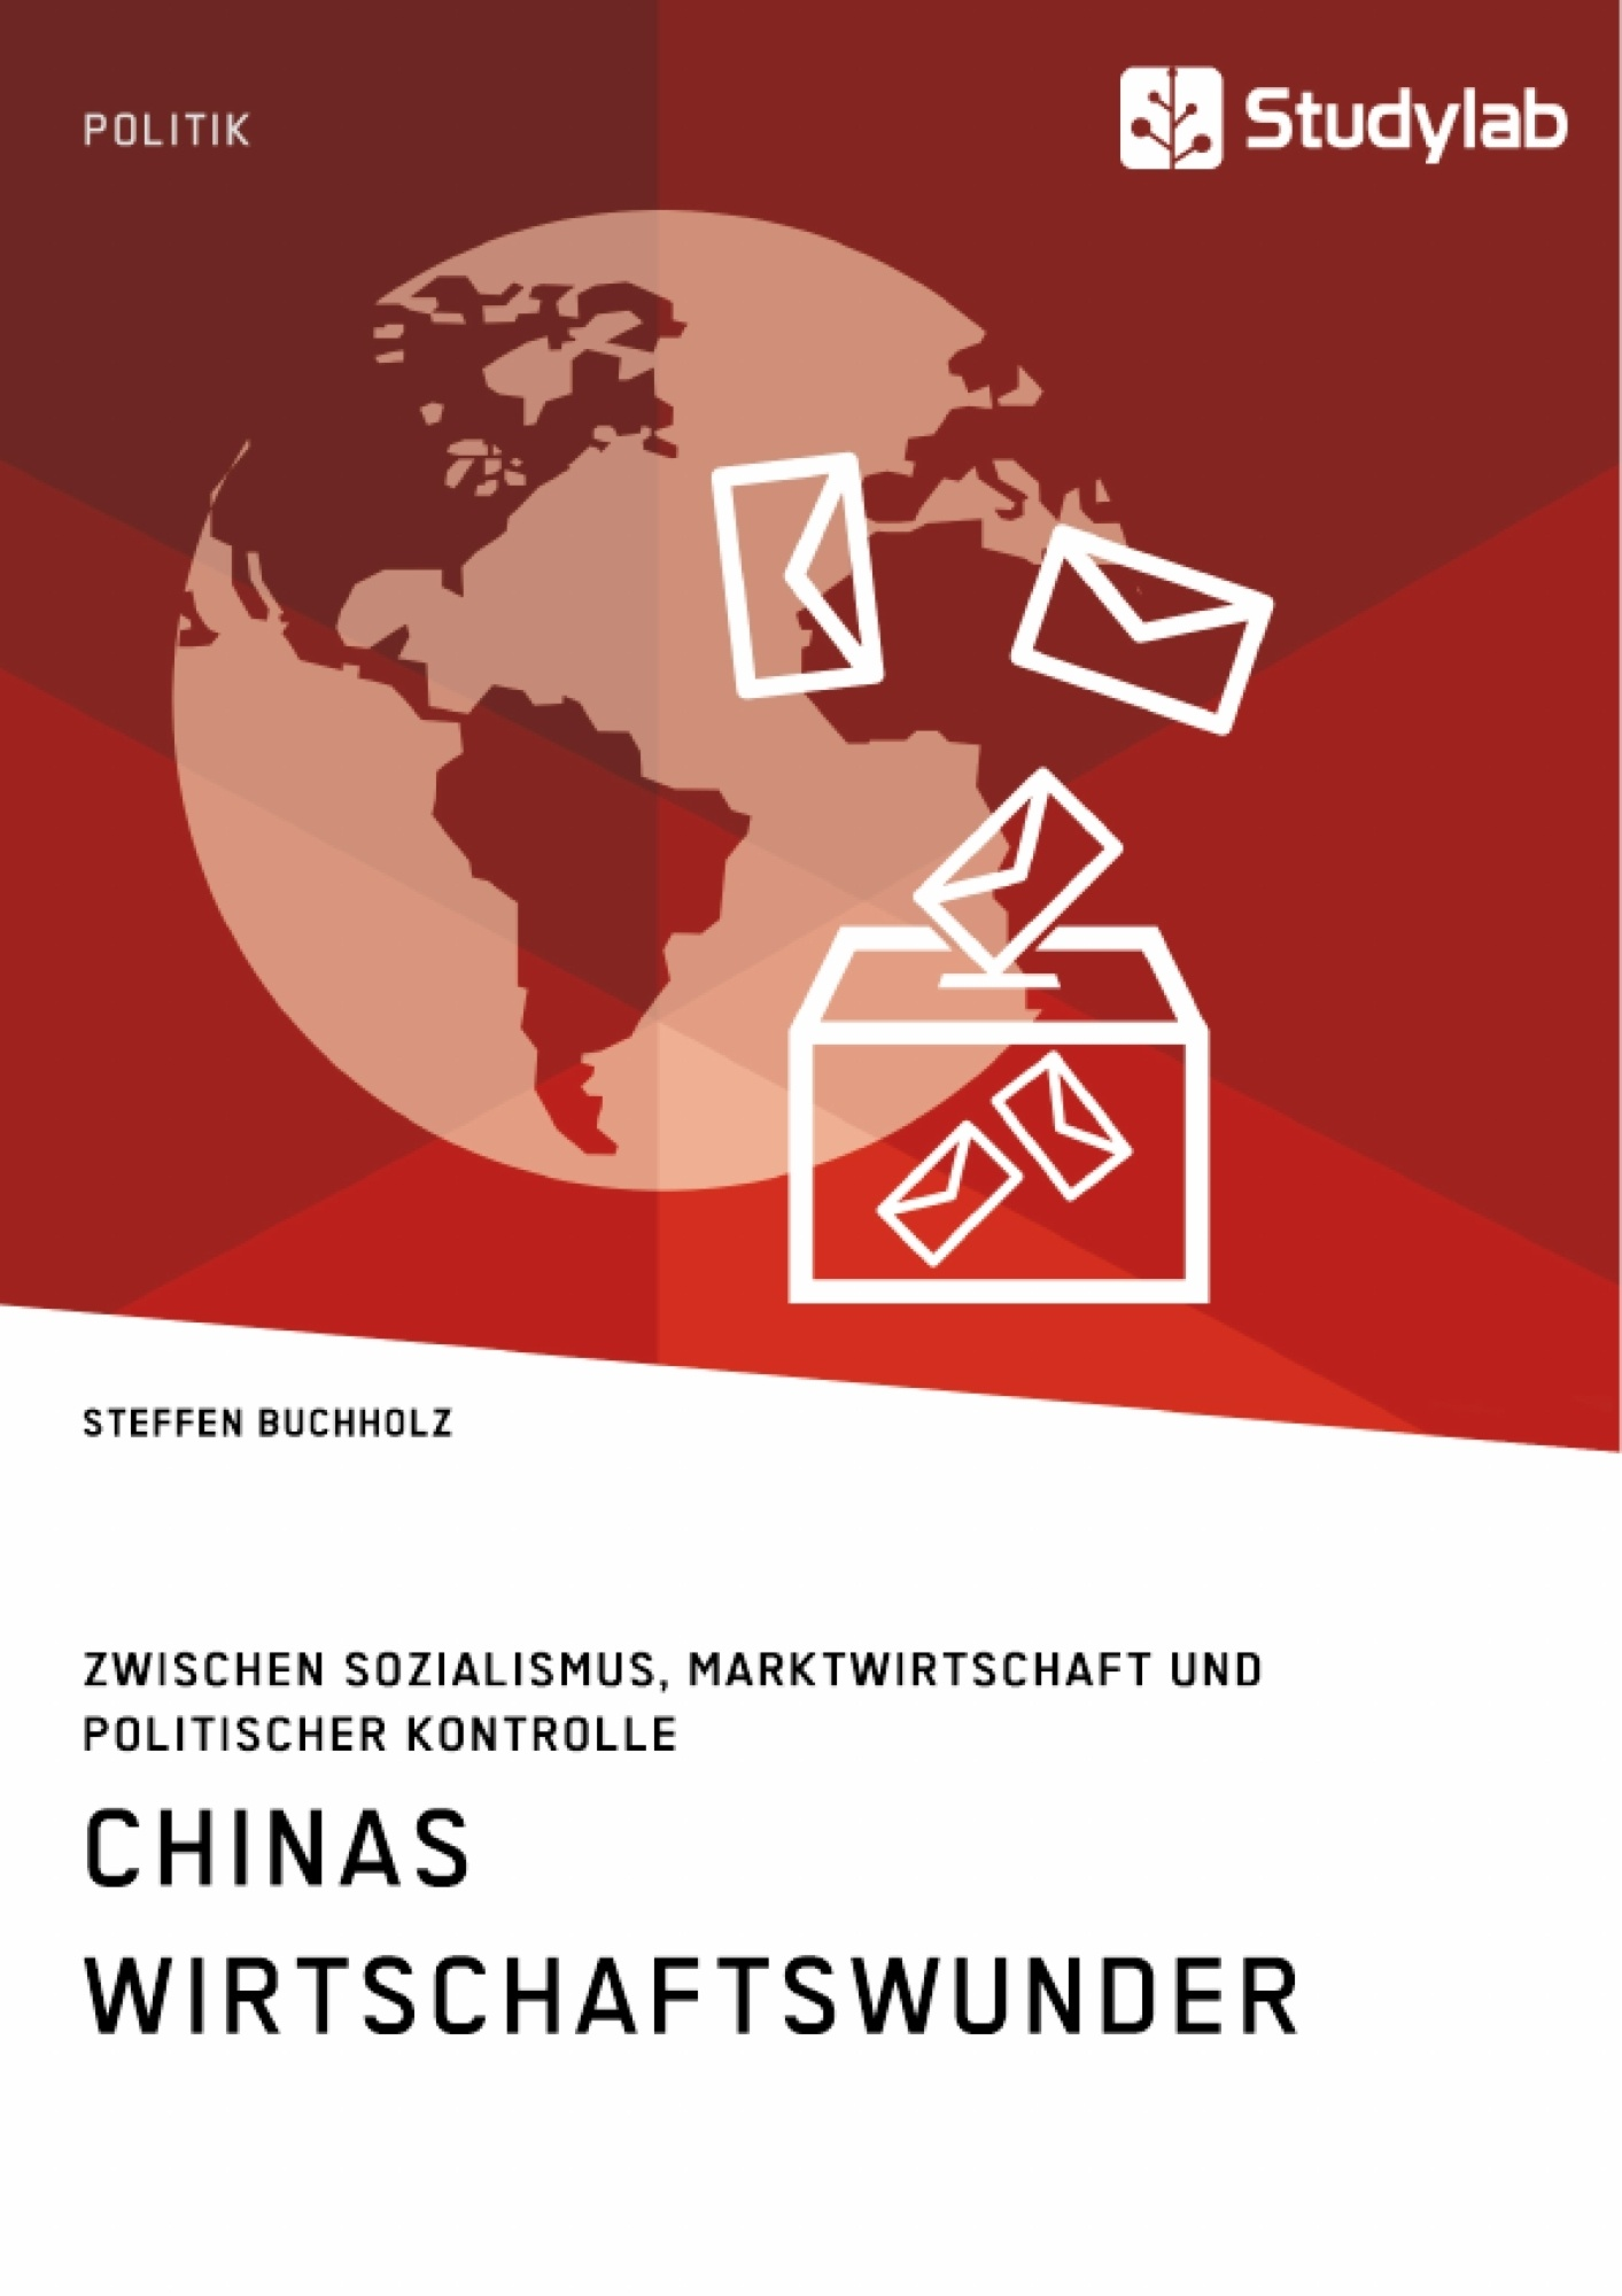 Titel: Chinas Wirtschaftswunder. Zwischen Sozialismus, Marktwirtschaft und politischer Kontrolle